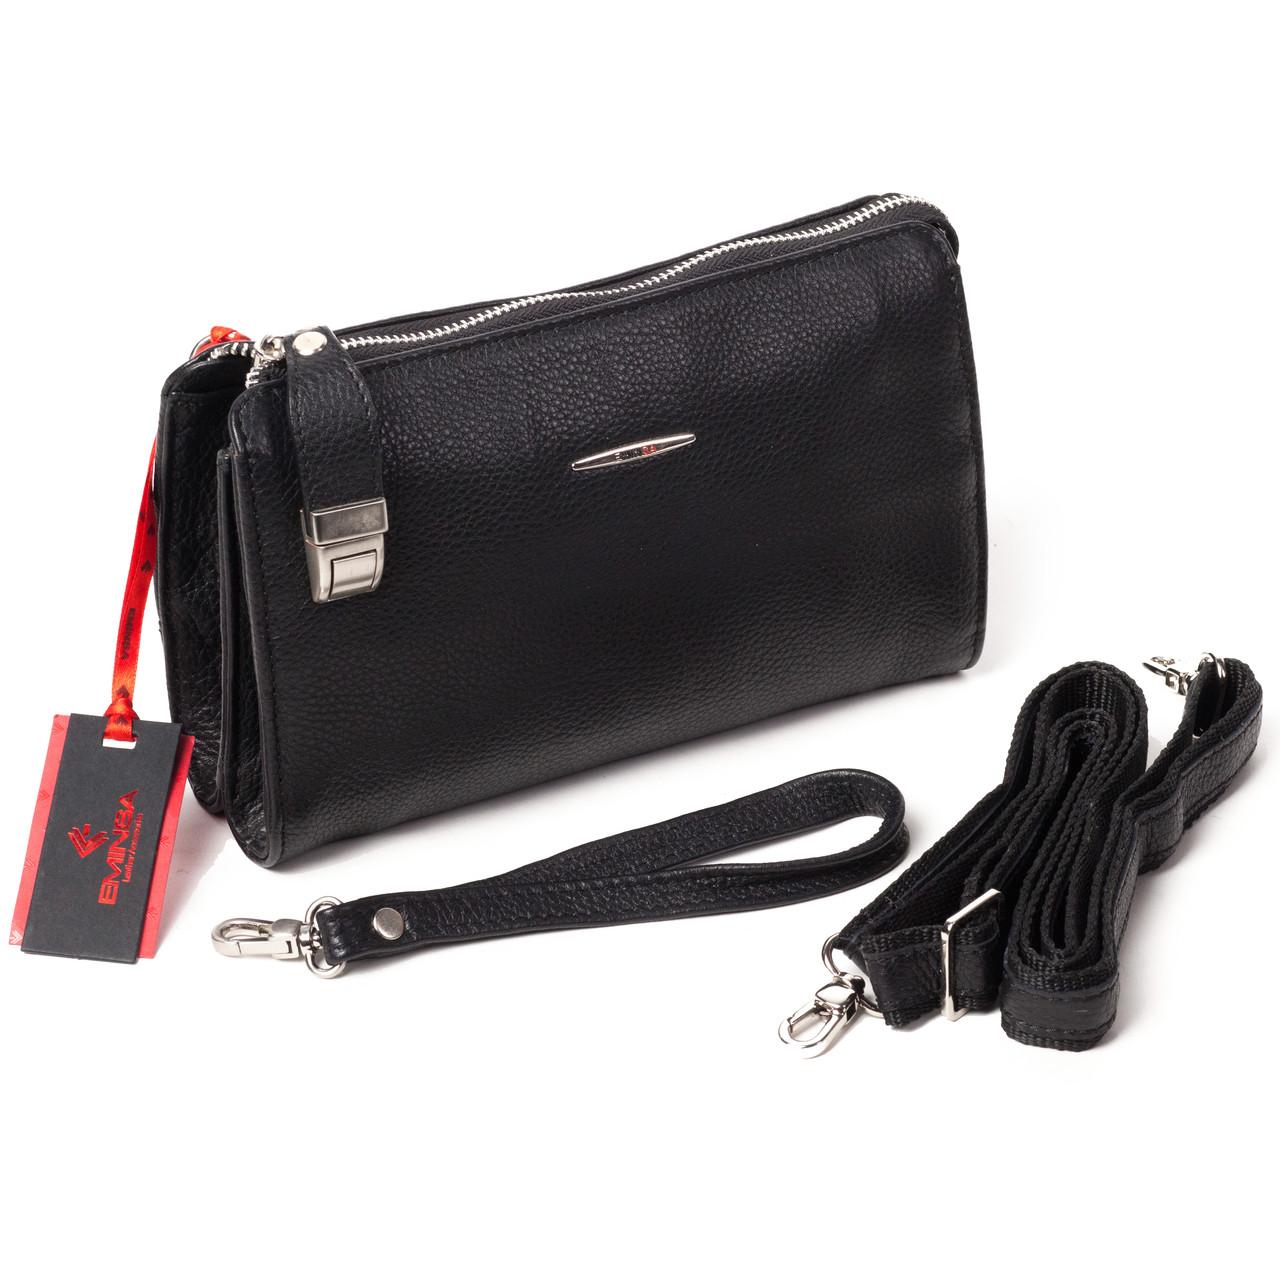 Мужской клатч кожаный чёрный Eminsa 5091-18-1